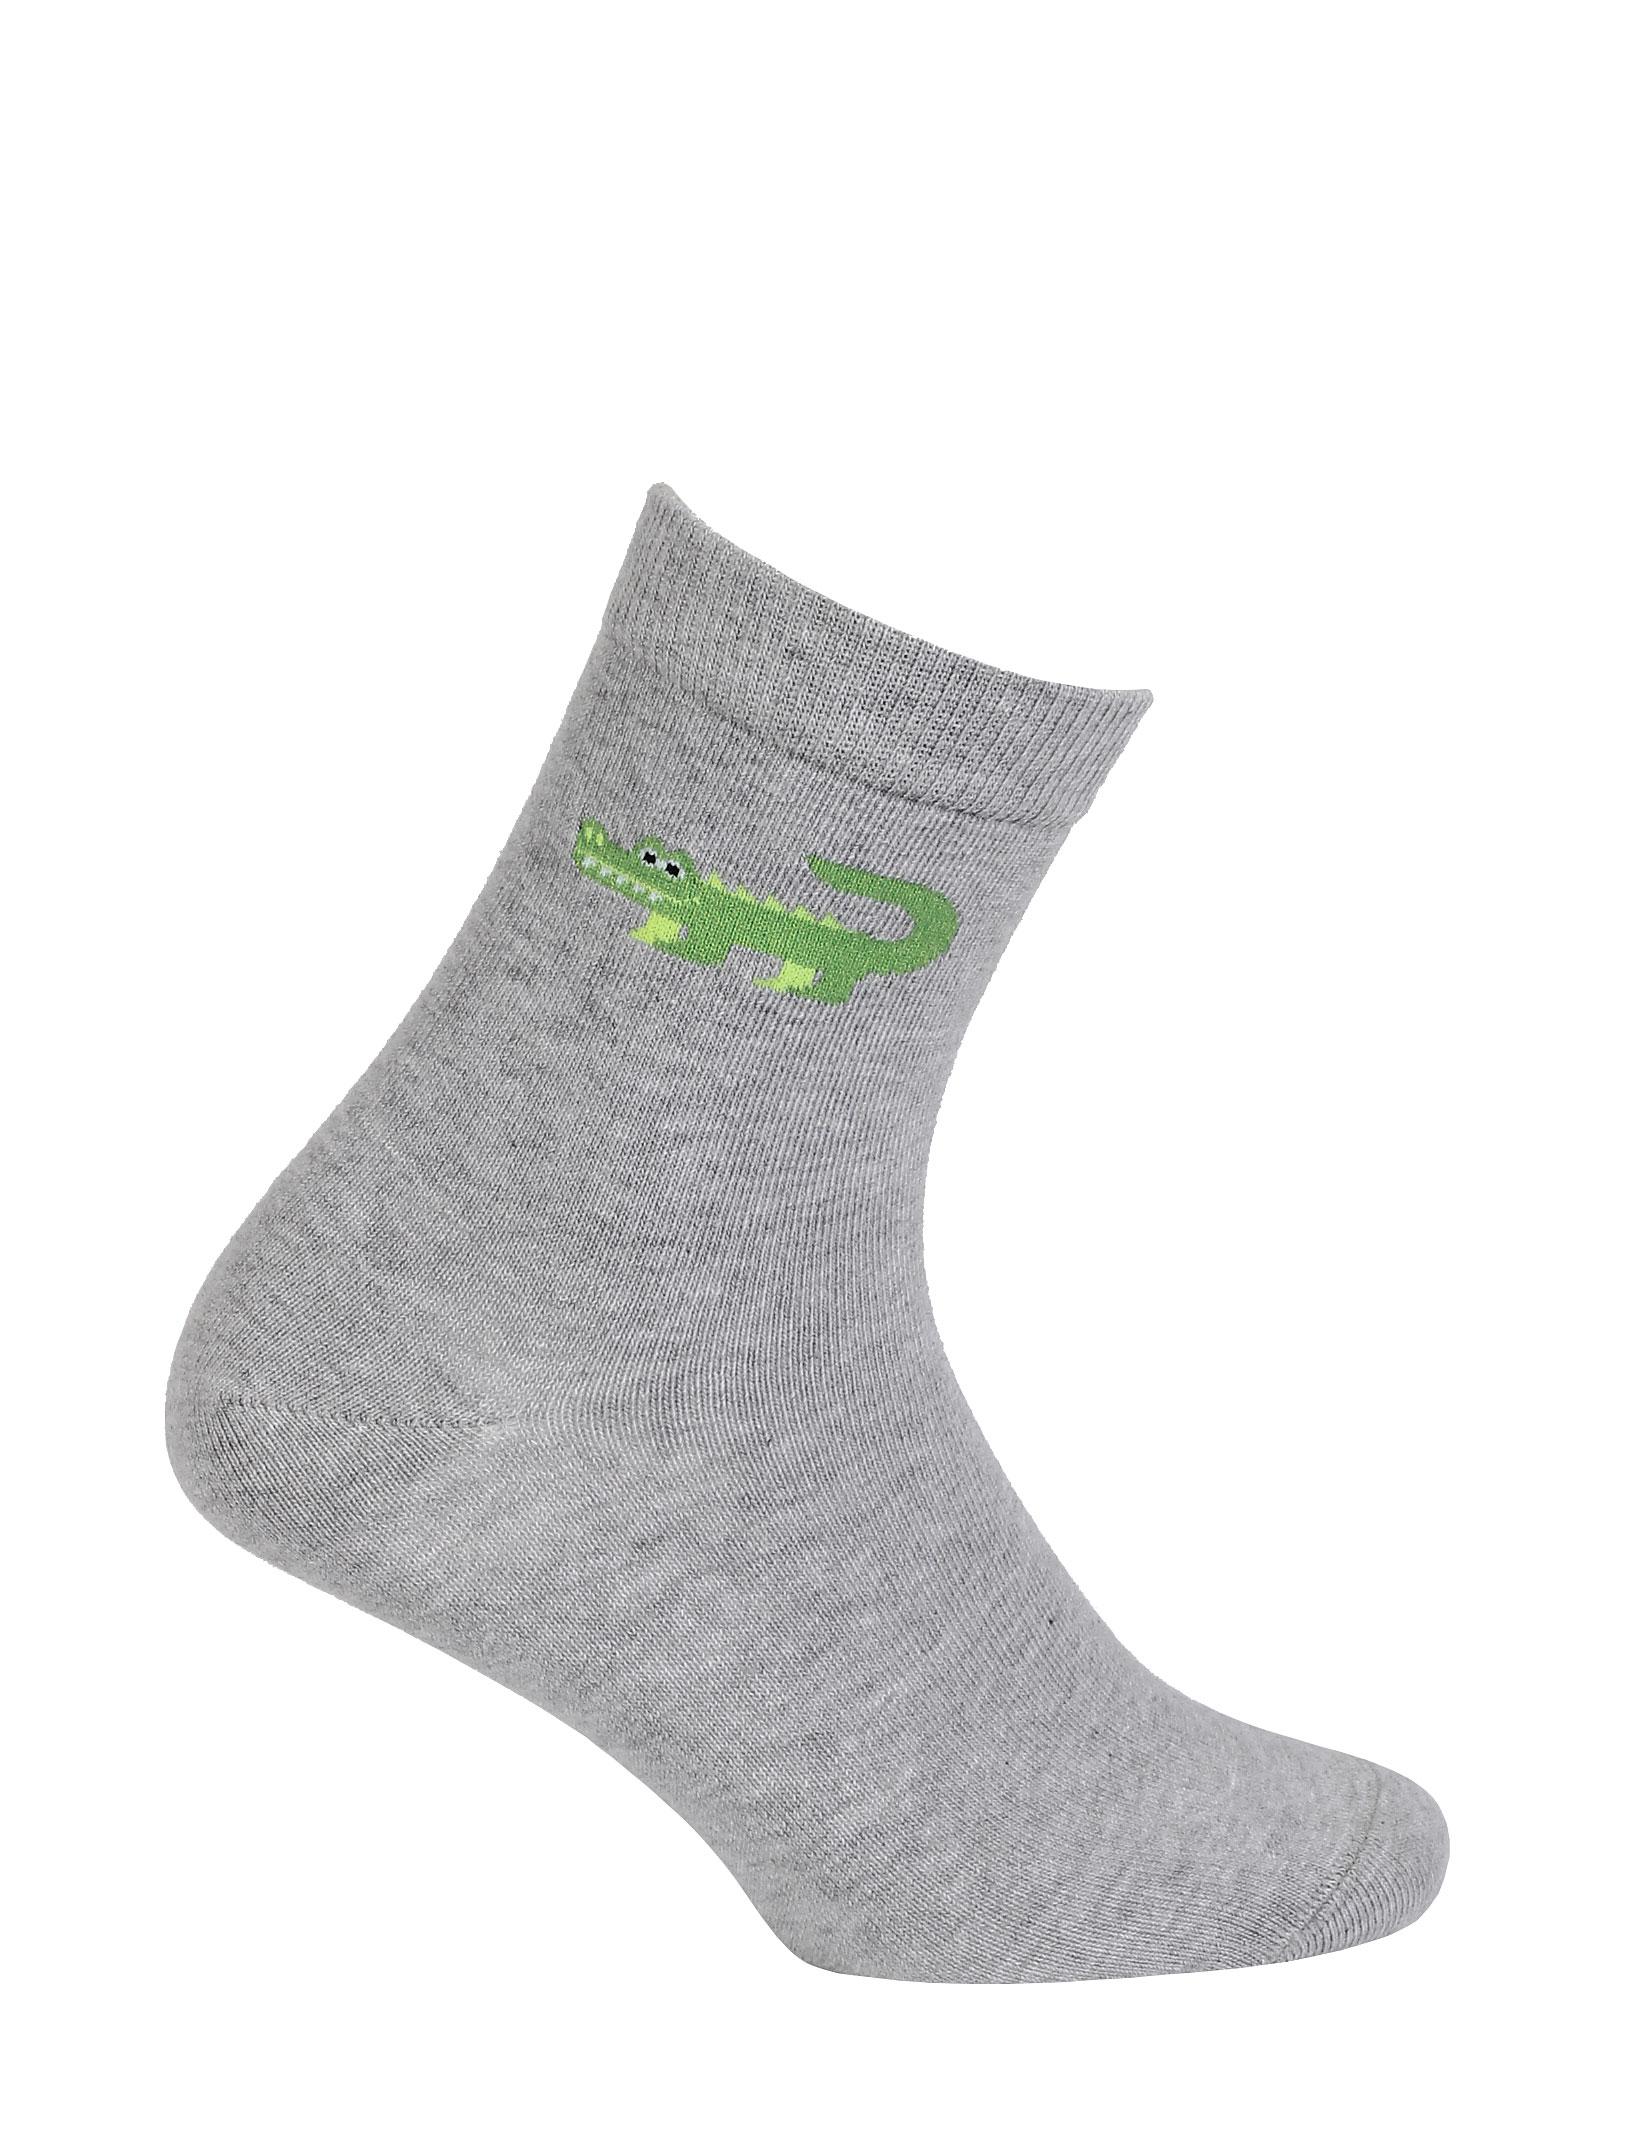 dětské ponožky GATTA KROKODÝL šedé 27-29